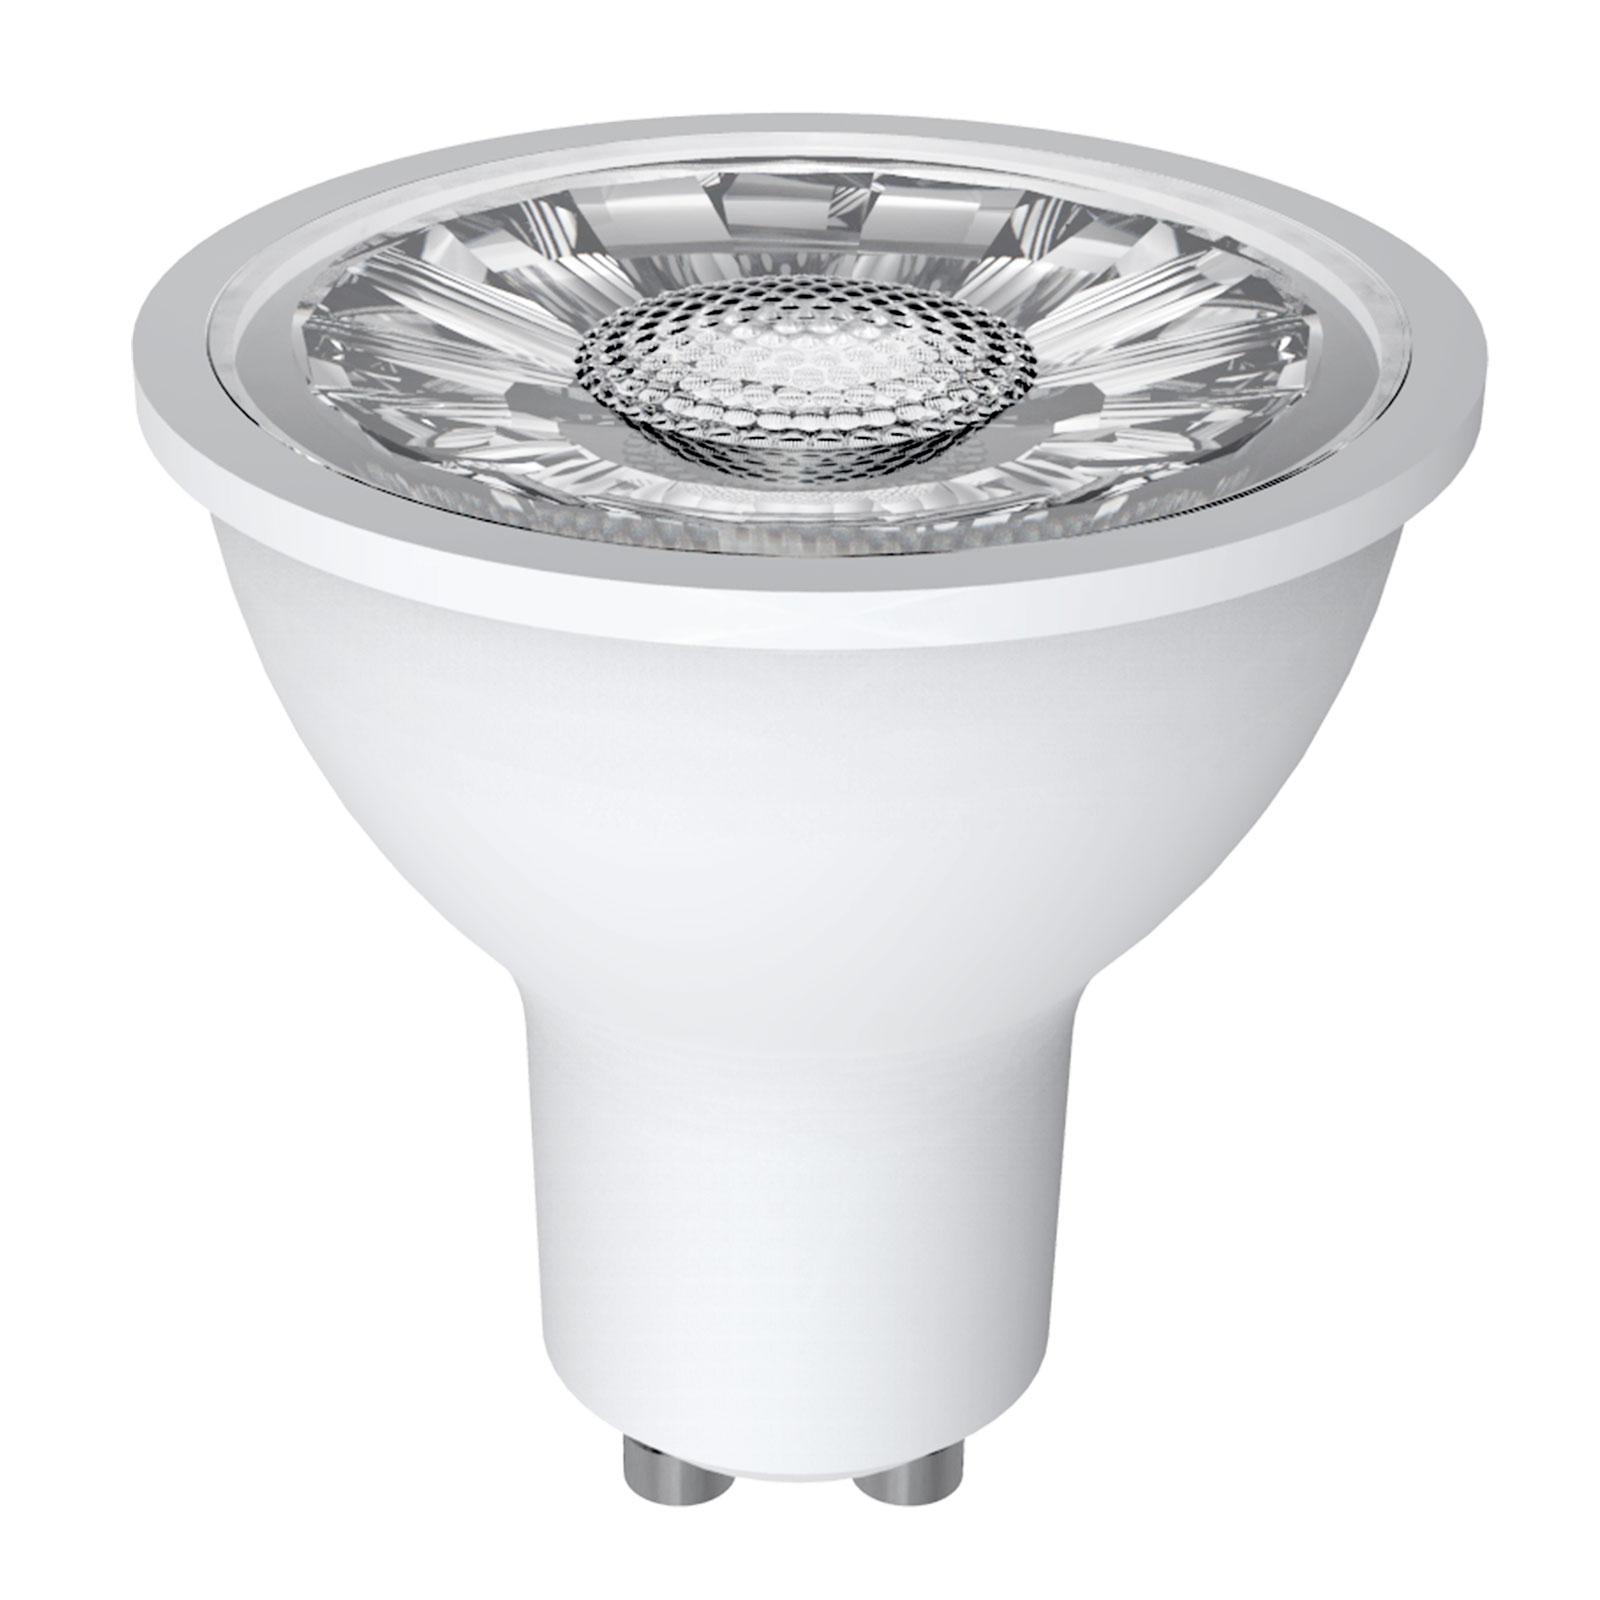 Reflektor LED GU10 5,5W 345lm 36° 2700K